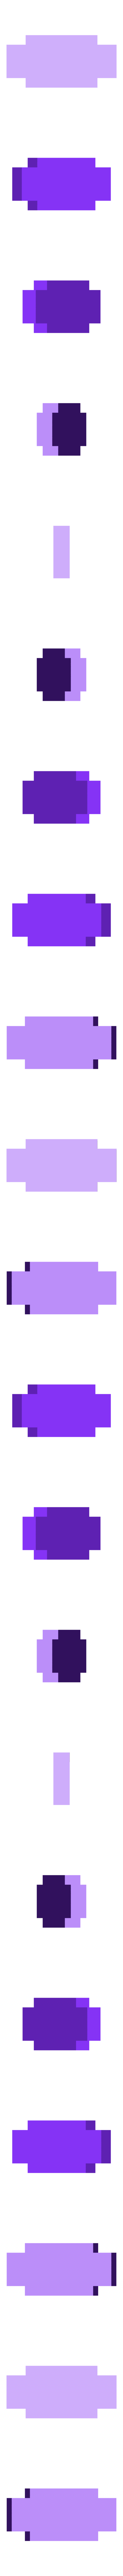 Trigger_Spacer3.STL Télécharger fichier STL gratuit Mini arbalète • Modèle à imprimer en 3D, 3D_Cre8or